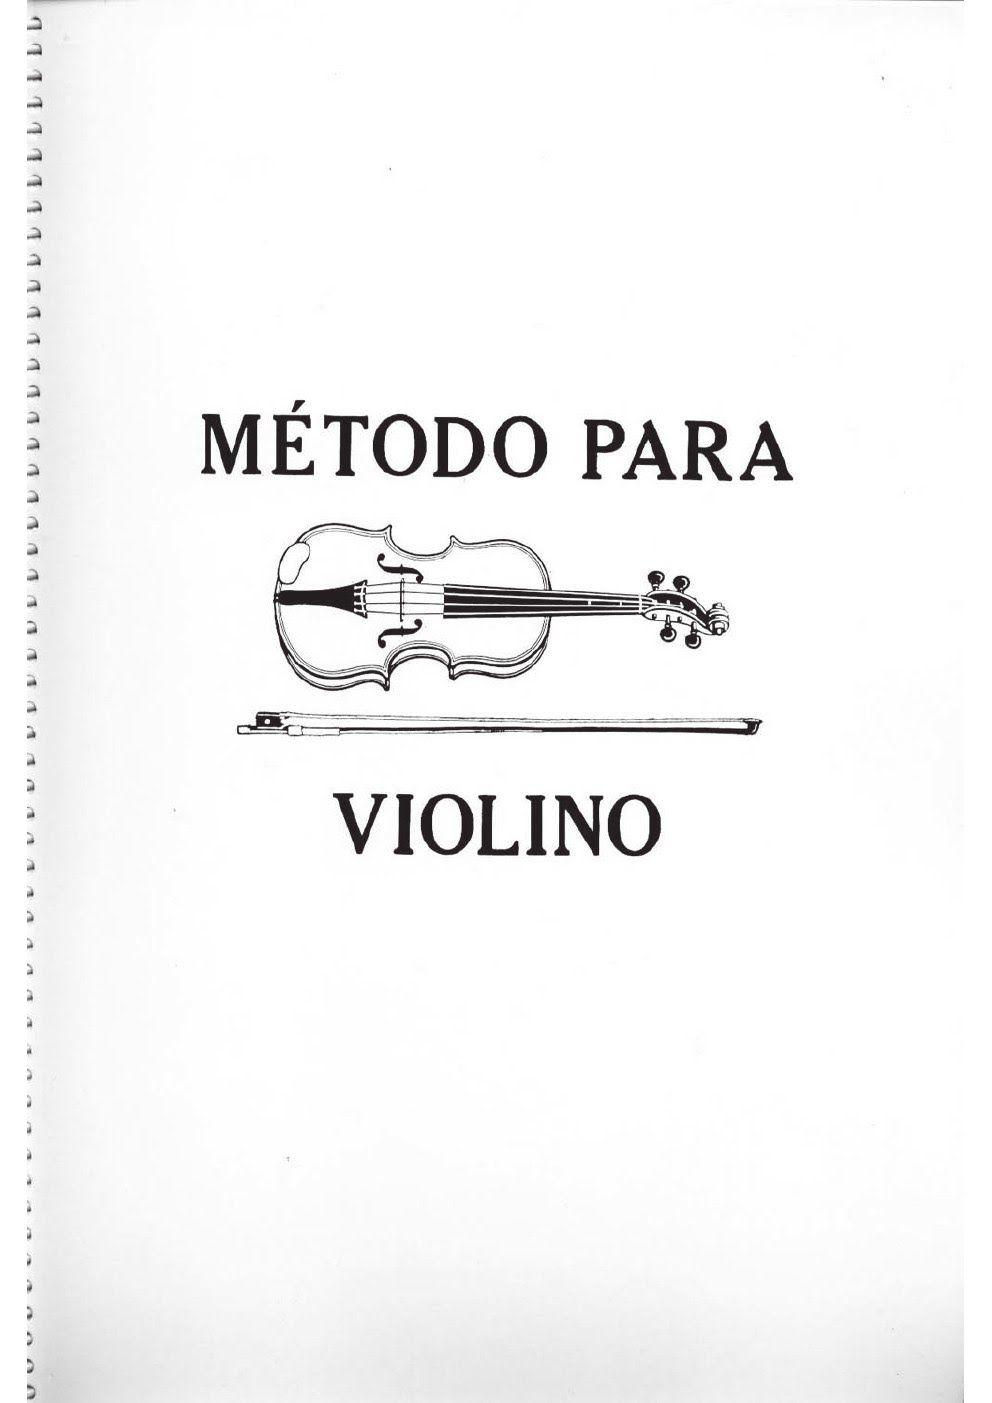 BAIXAR METODO BRASILEIRO DE BANDOLIM